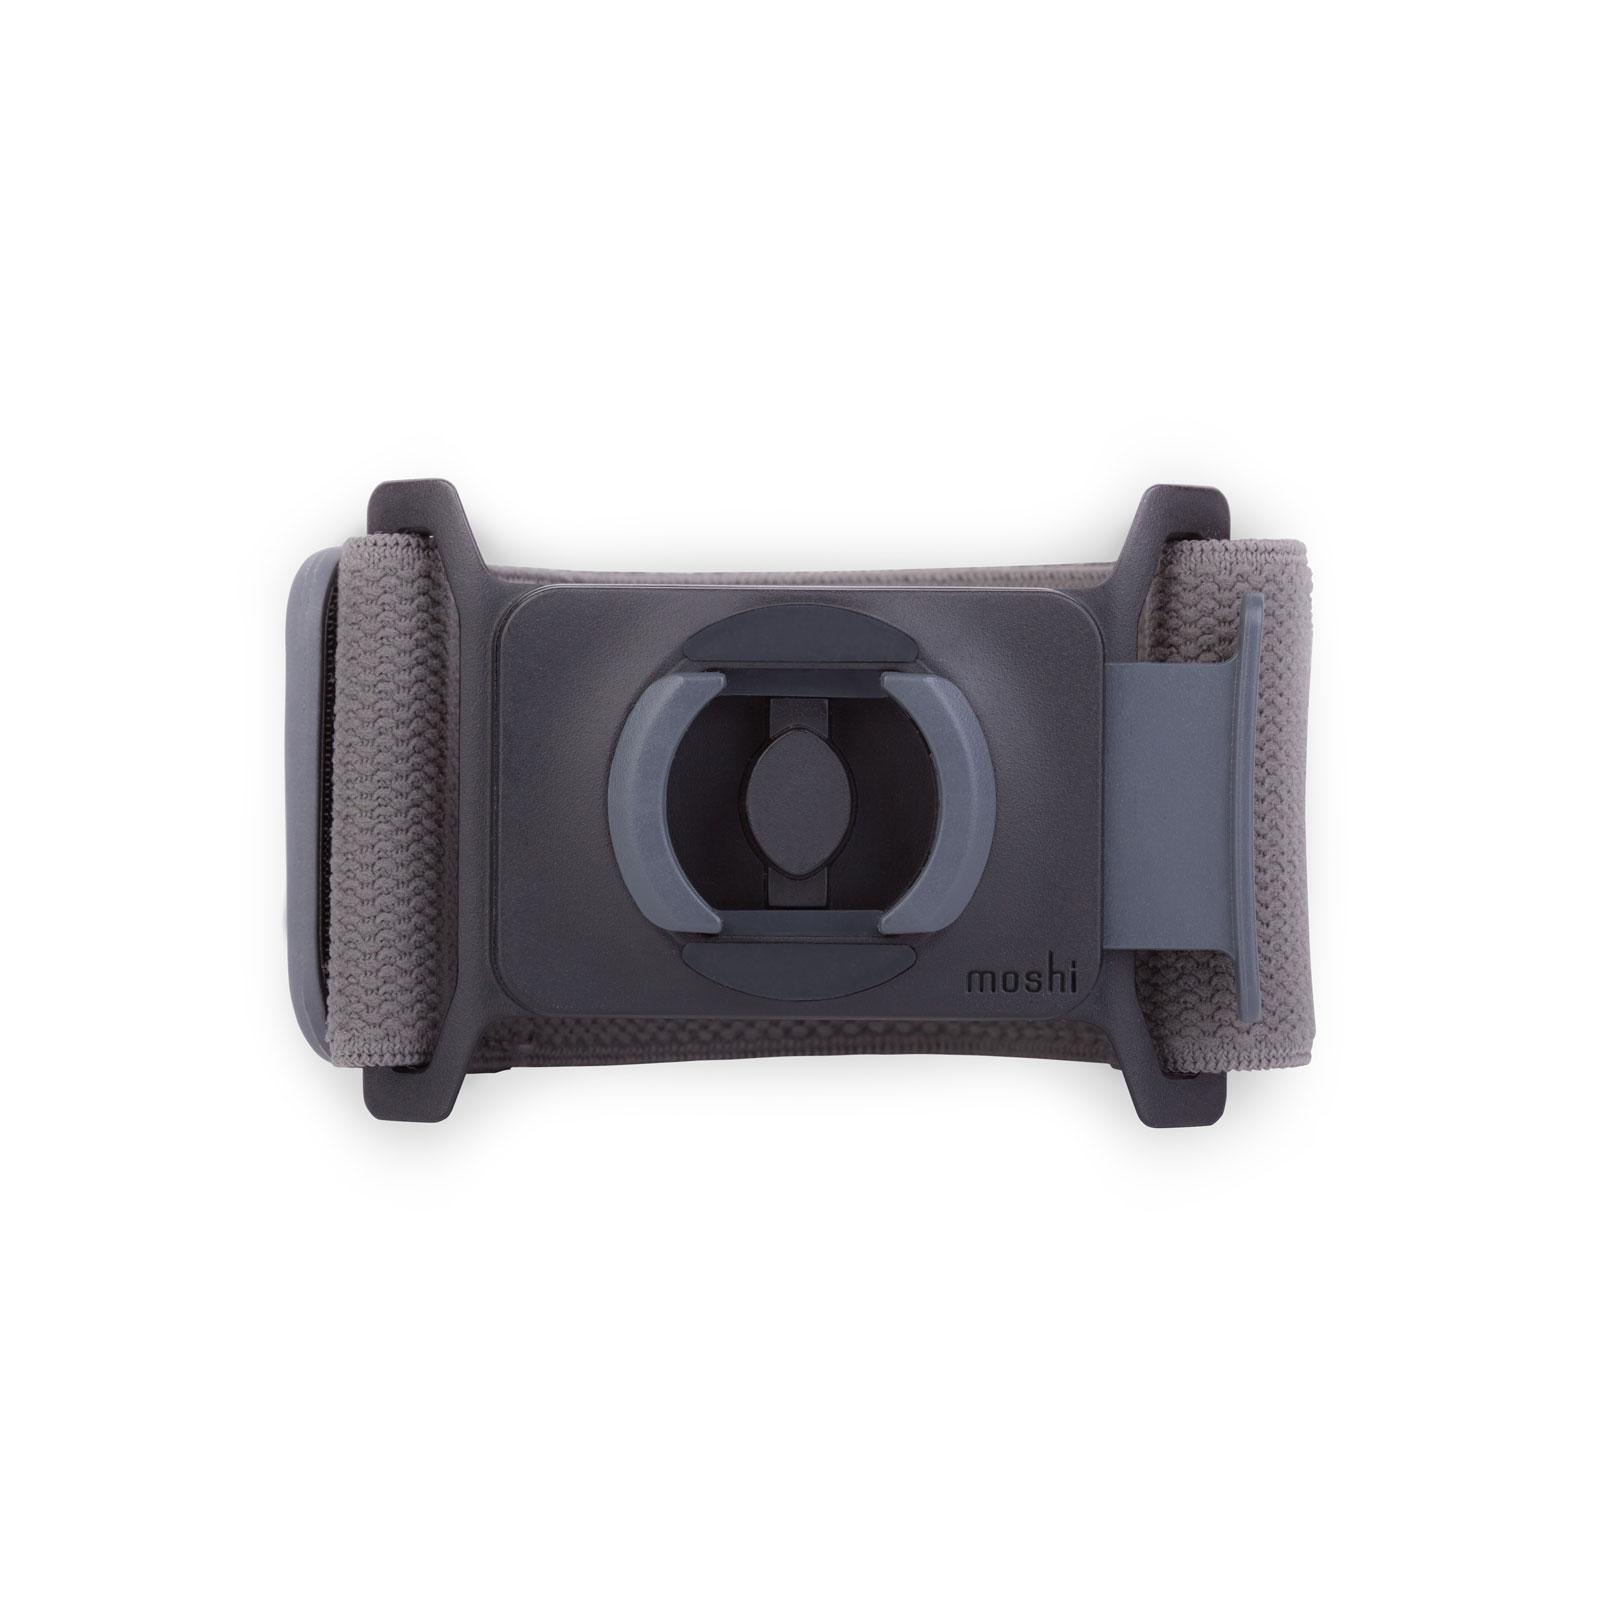 Armband for Endura-image